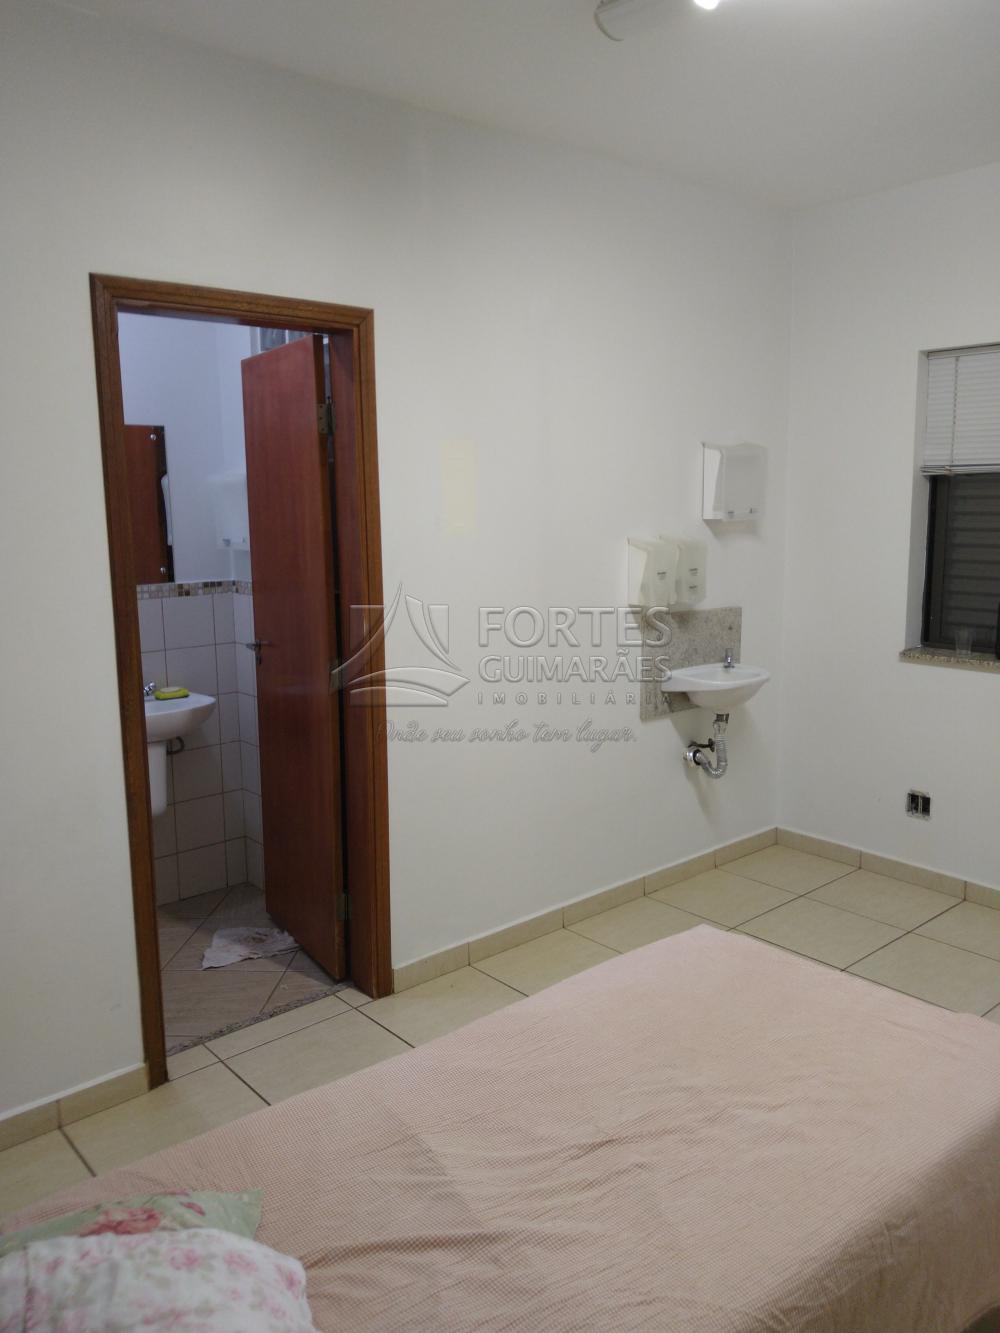 Alugar Comercial / Imóvel Comercial em Ribeirão Preto apenas R$ 12.000,00 - Foto 44